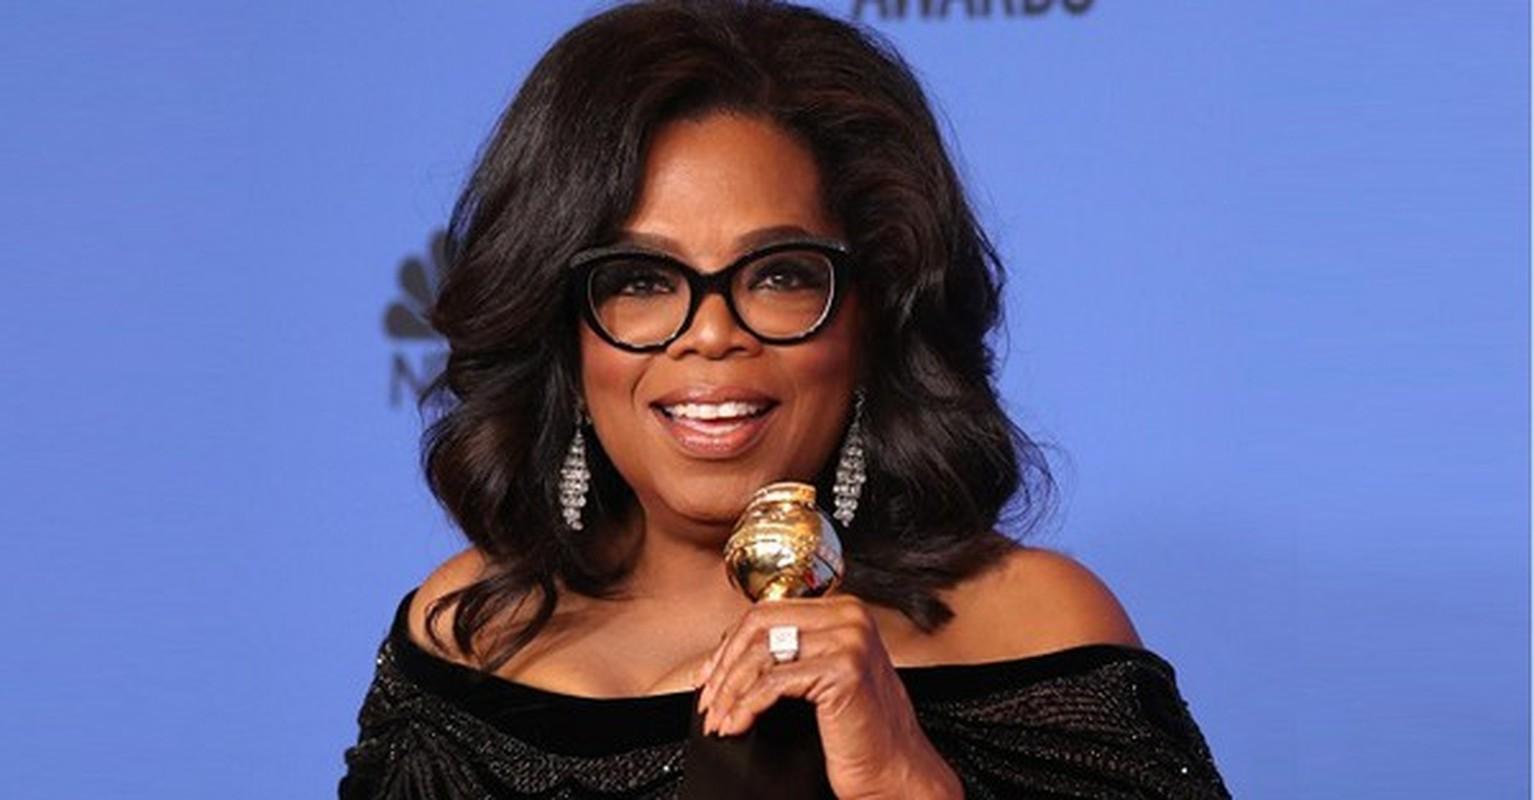 Cuoc doi ba trum truyen thong Oprah Winfrey khien the gioi nhieu lan rung dong-Hinh-4